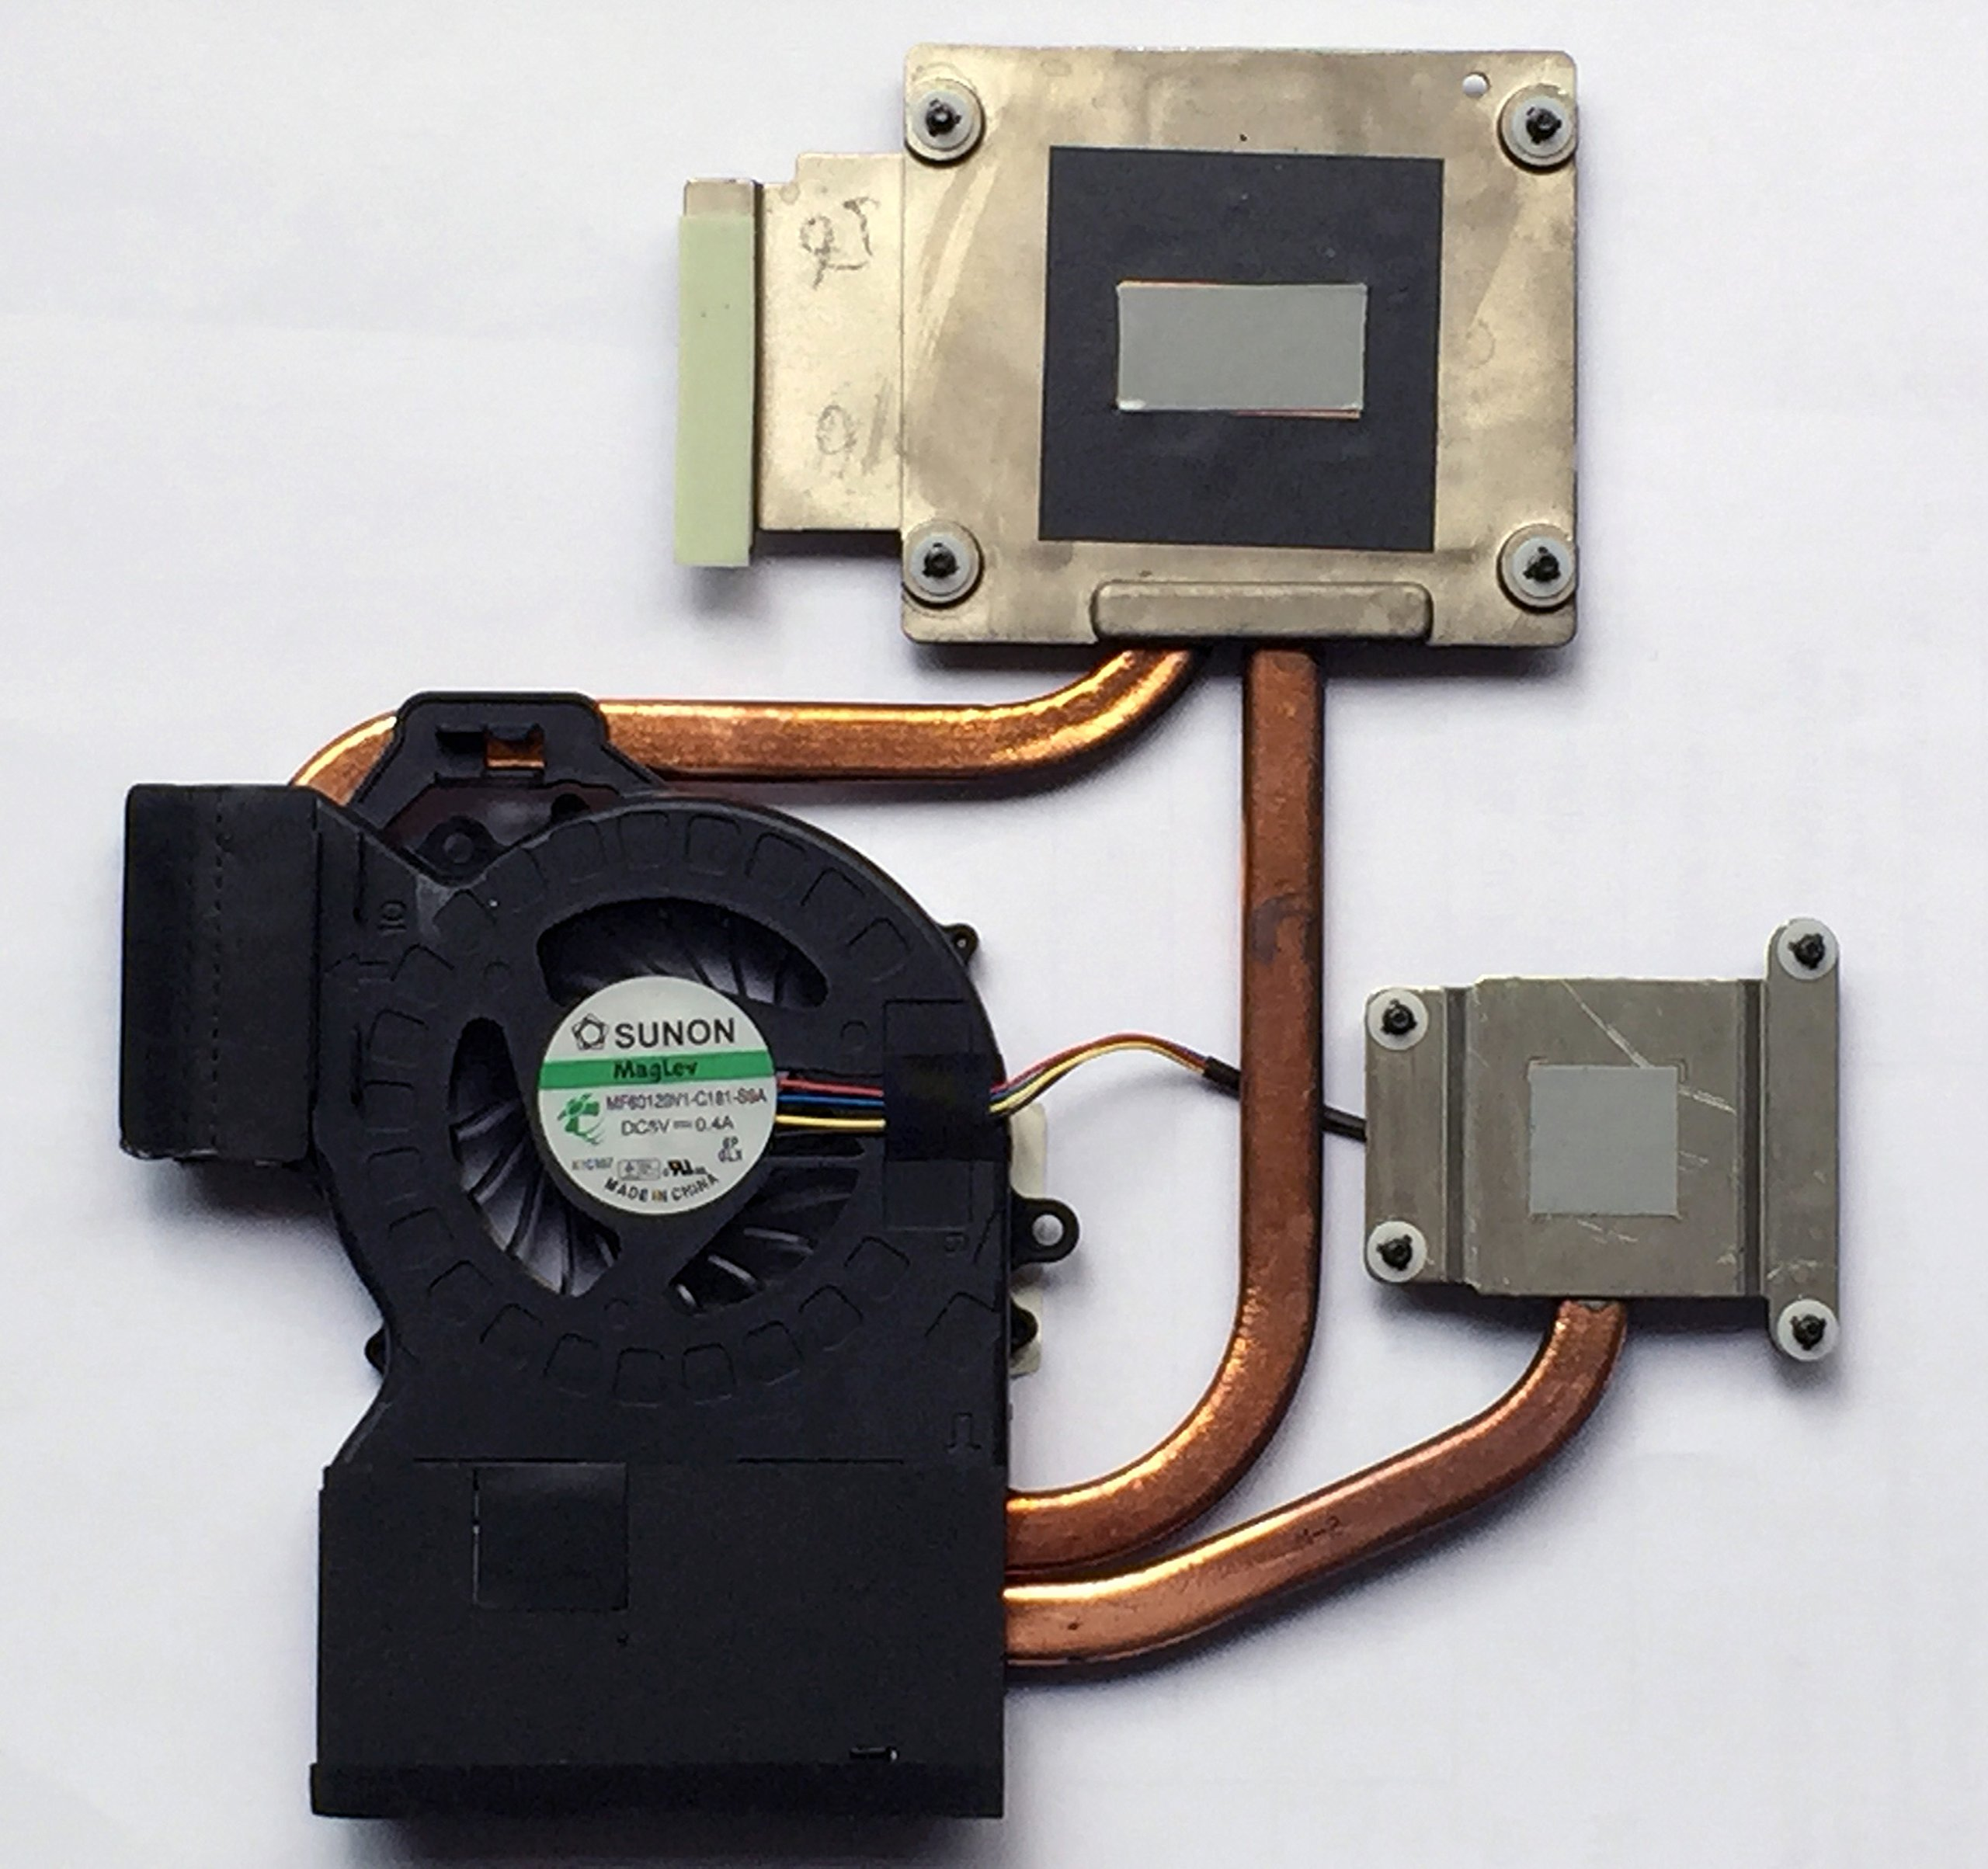 CPU Fan for HP Pavilion DV7-4000 dv7-4083cl dv7-4087cl dv7-4002tx dv7-4004ez DV6-3204tx DV6-3206tx DV6-3079tx DV6-3006TX Series New Notebook Replacement Accessories P//N DFB552005M30T